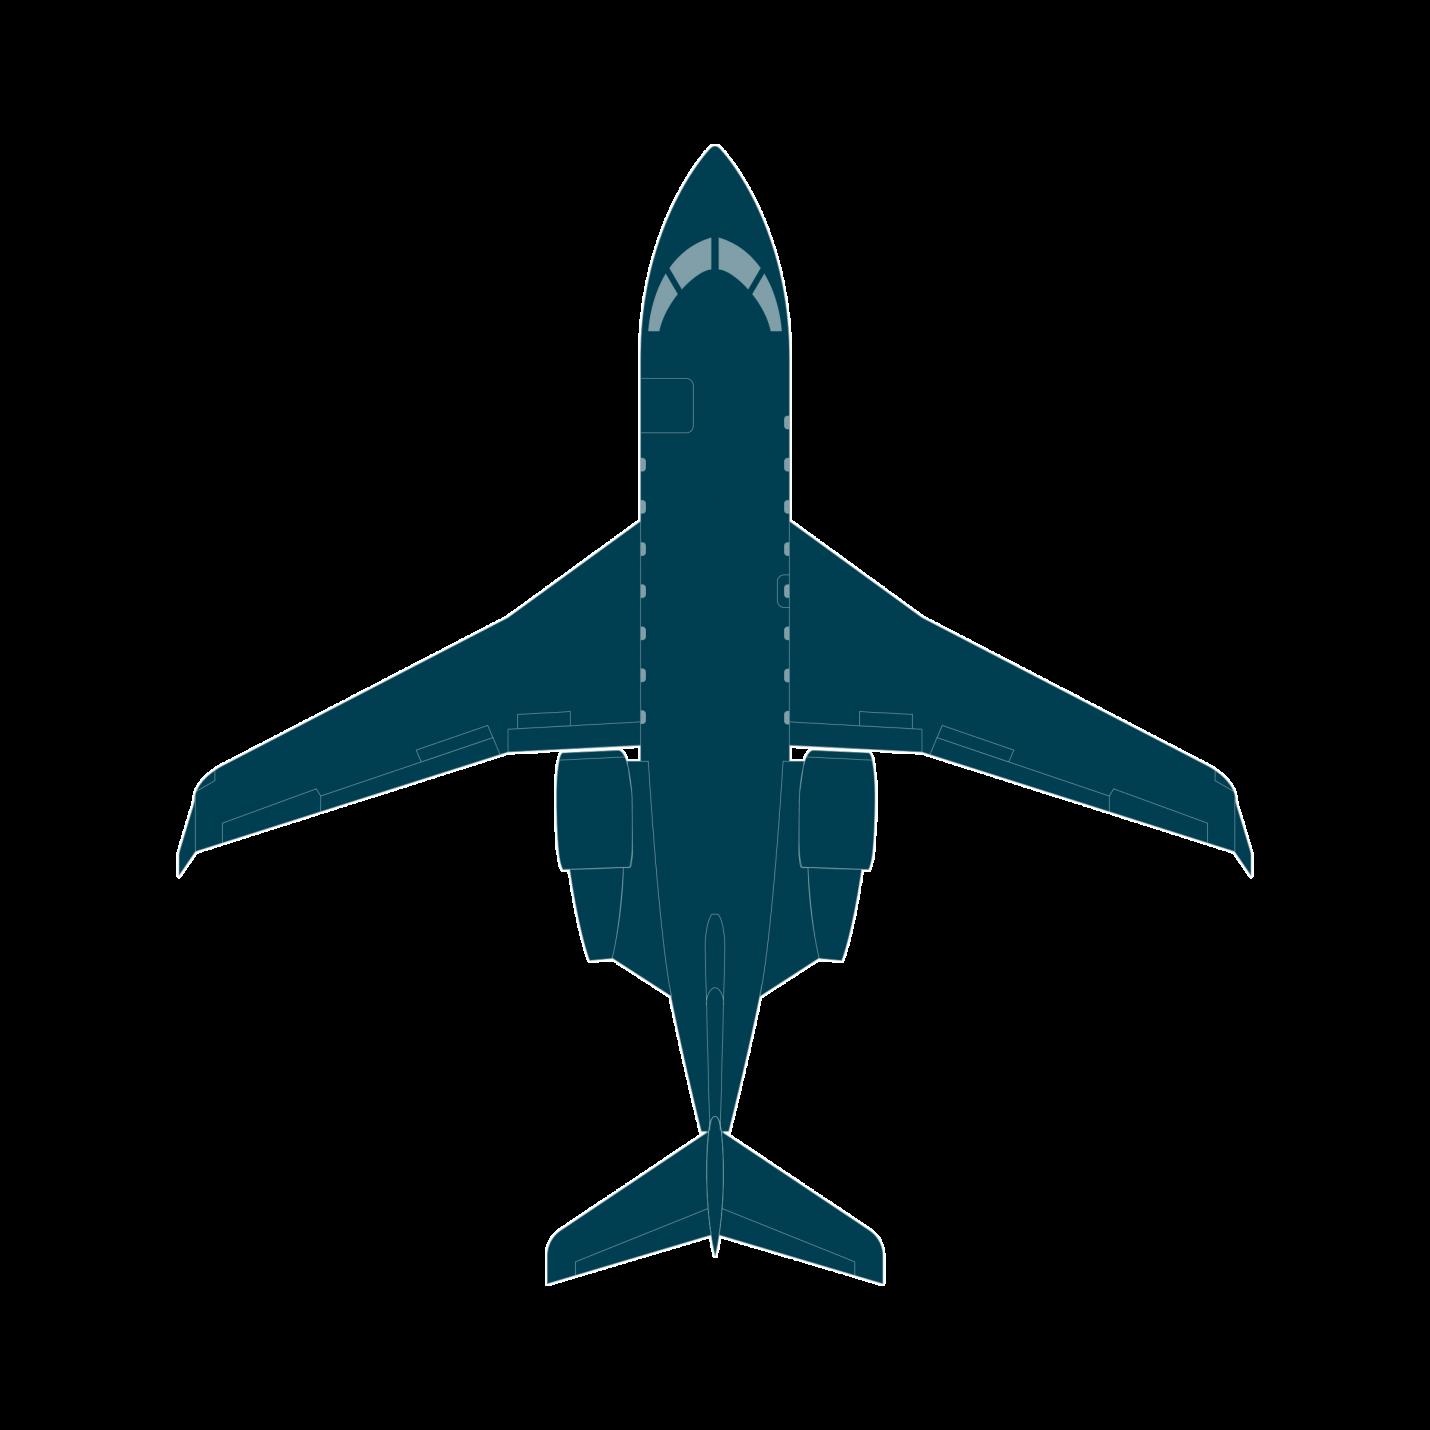 Jet top view